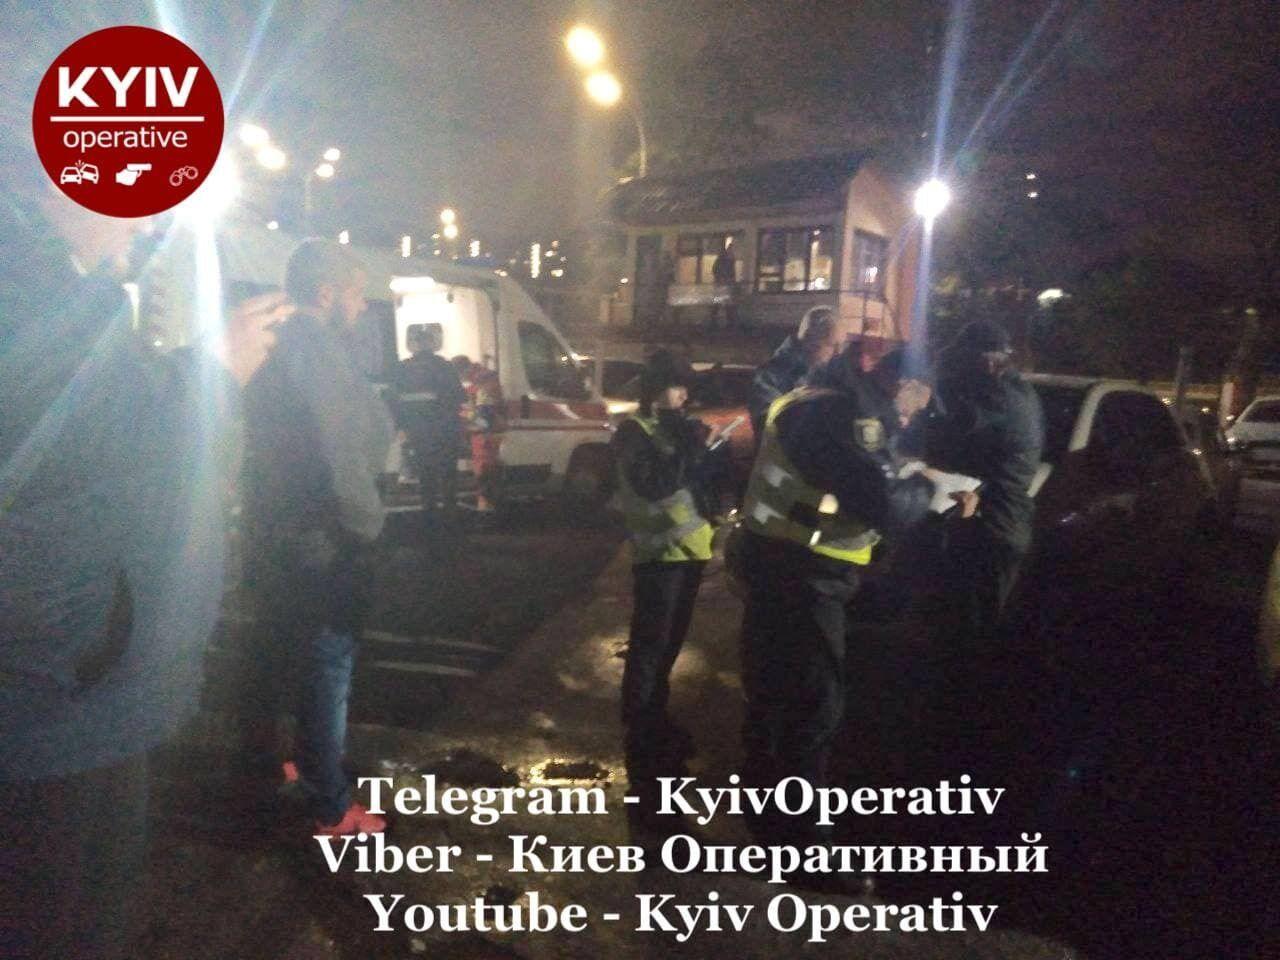 На месте инцидента работает полиция